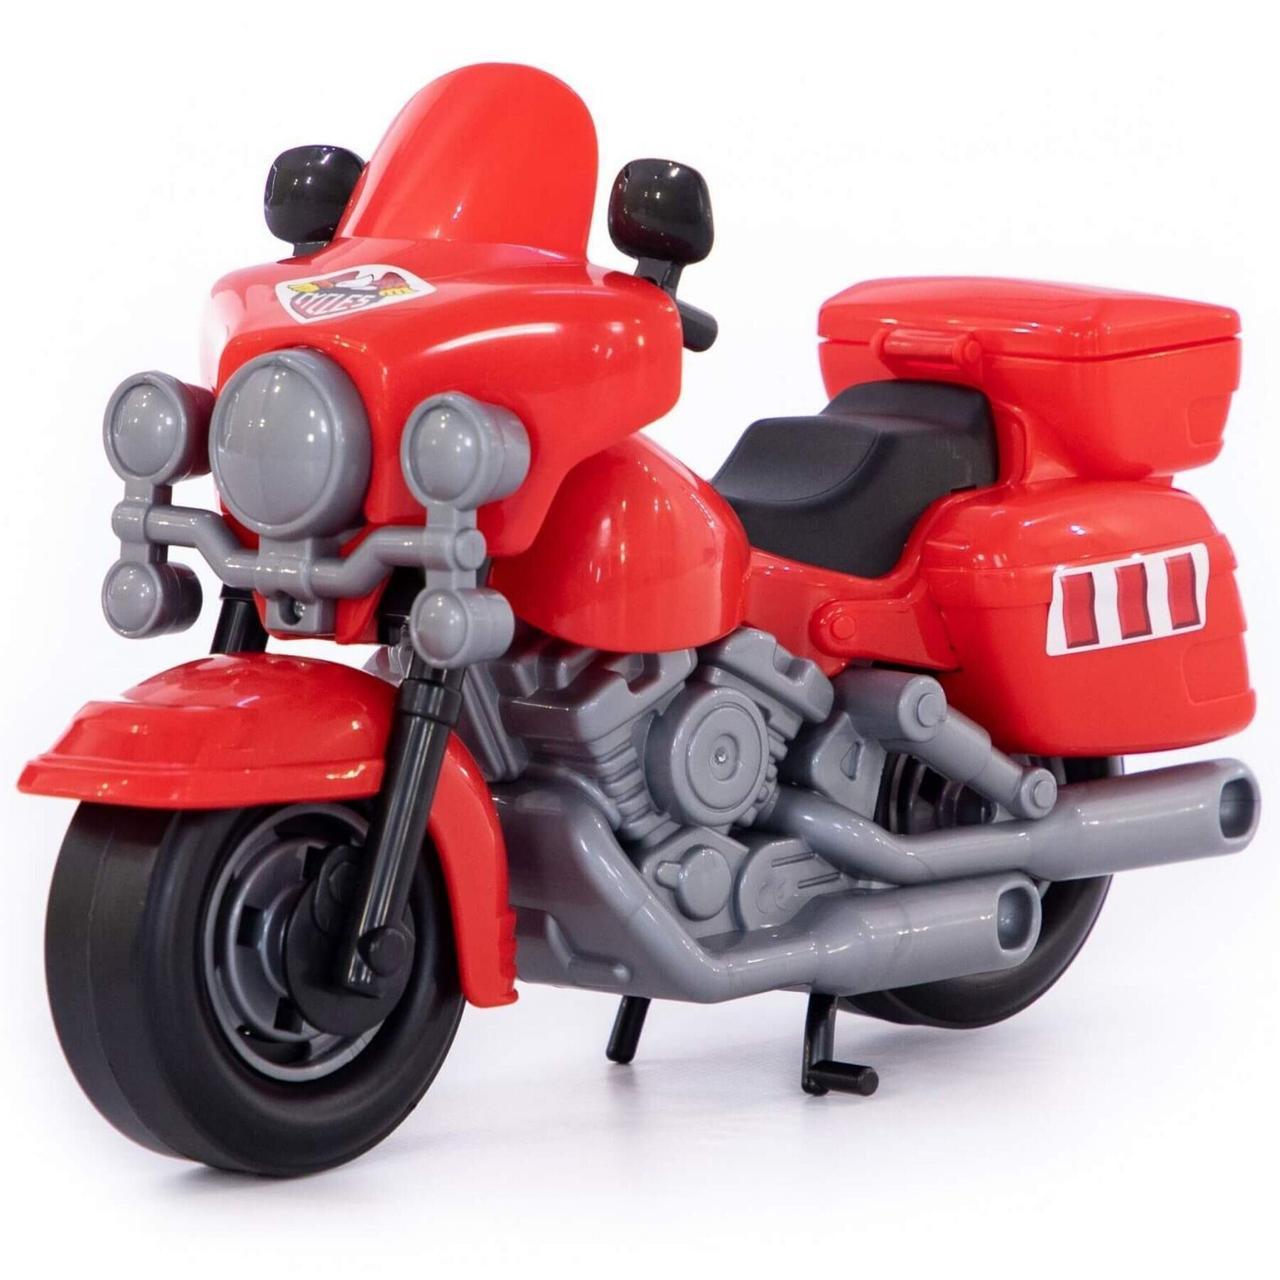 """Іграшка Polesie поліцейський мотоцикл """"Харлей"""" червоний (8947-4)"""